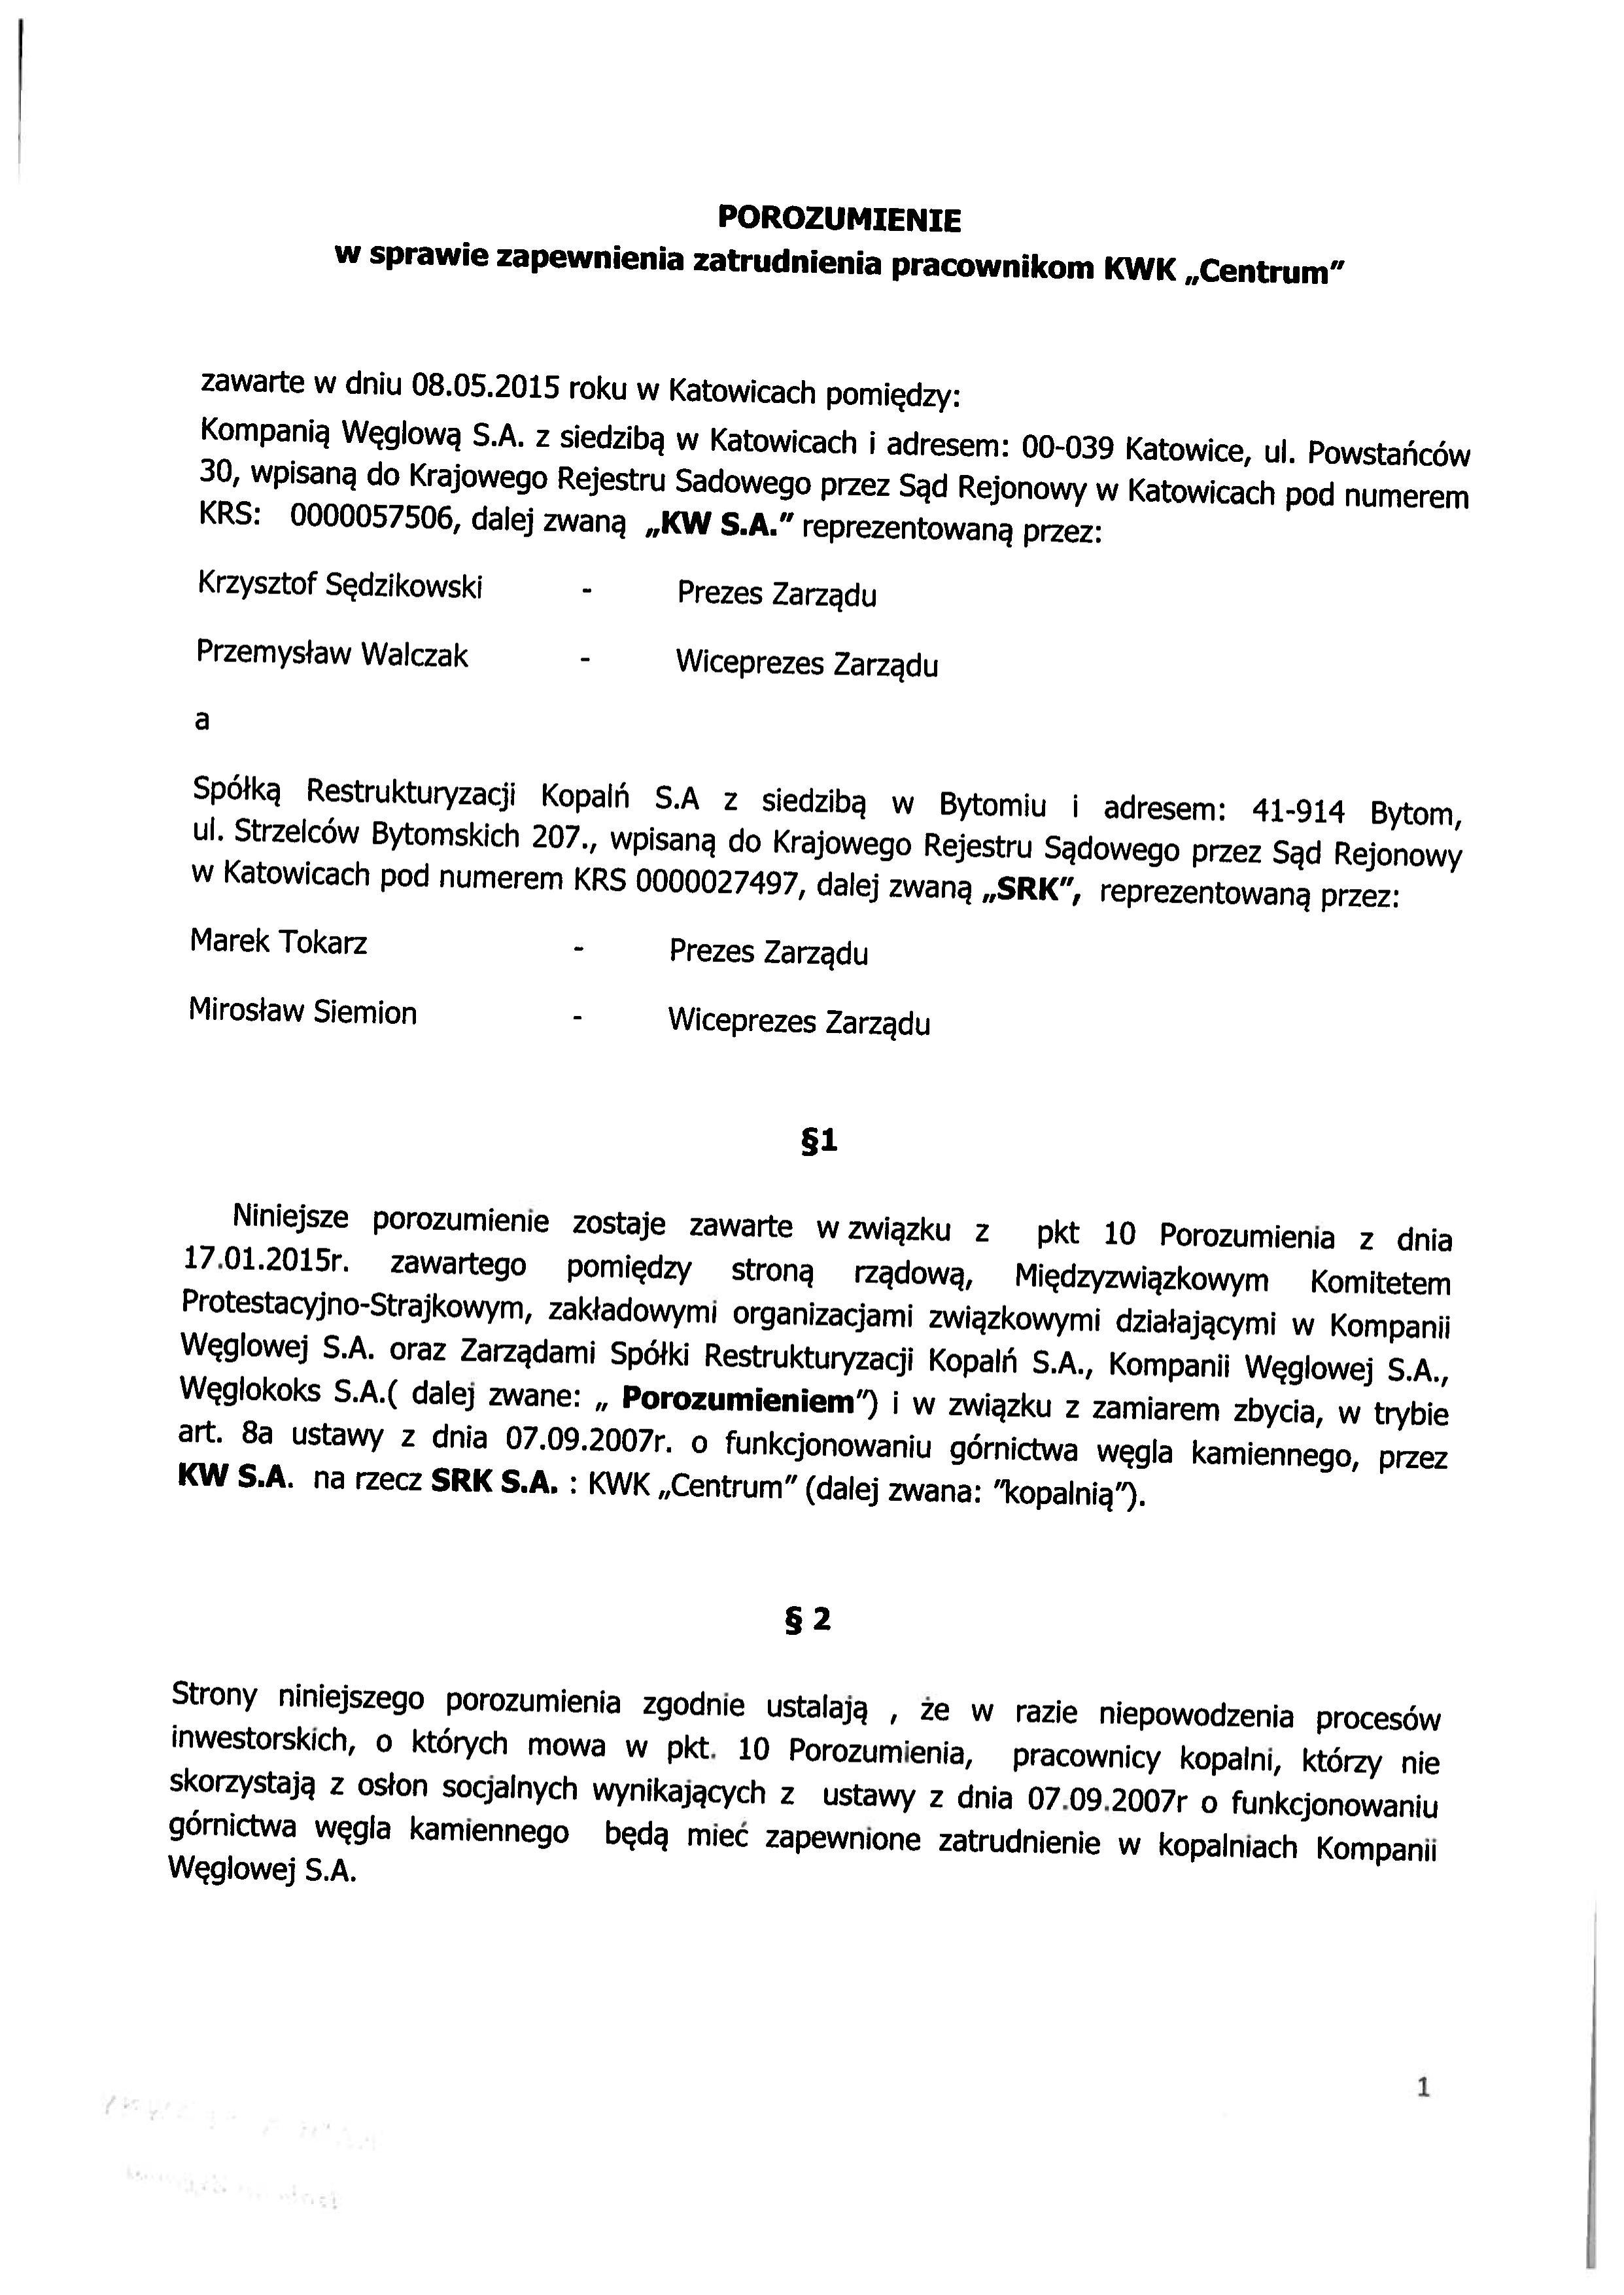 Porozumienie z SRK zapewnienie zatrudnienia Centrum 150508_01